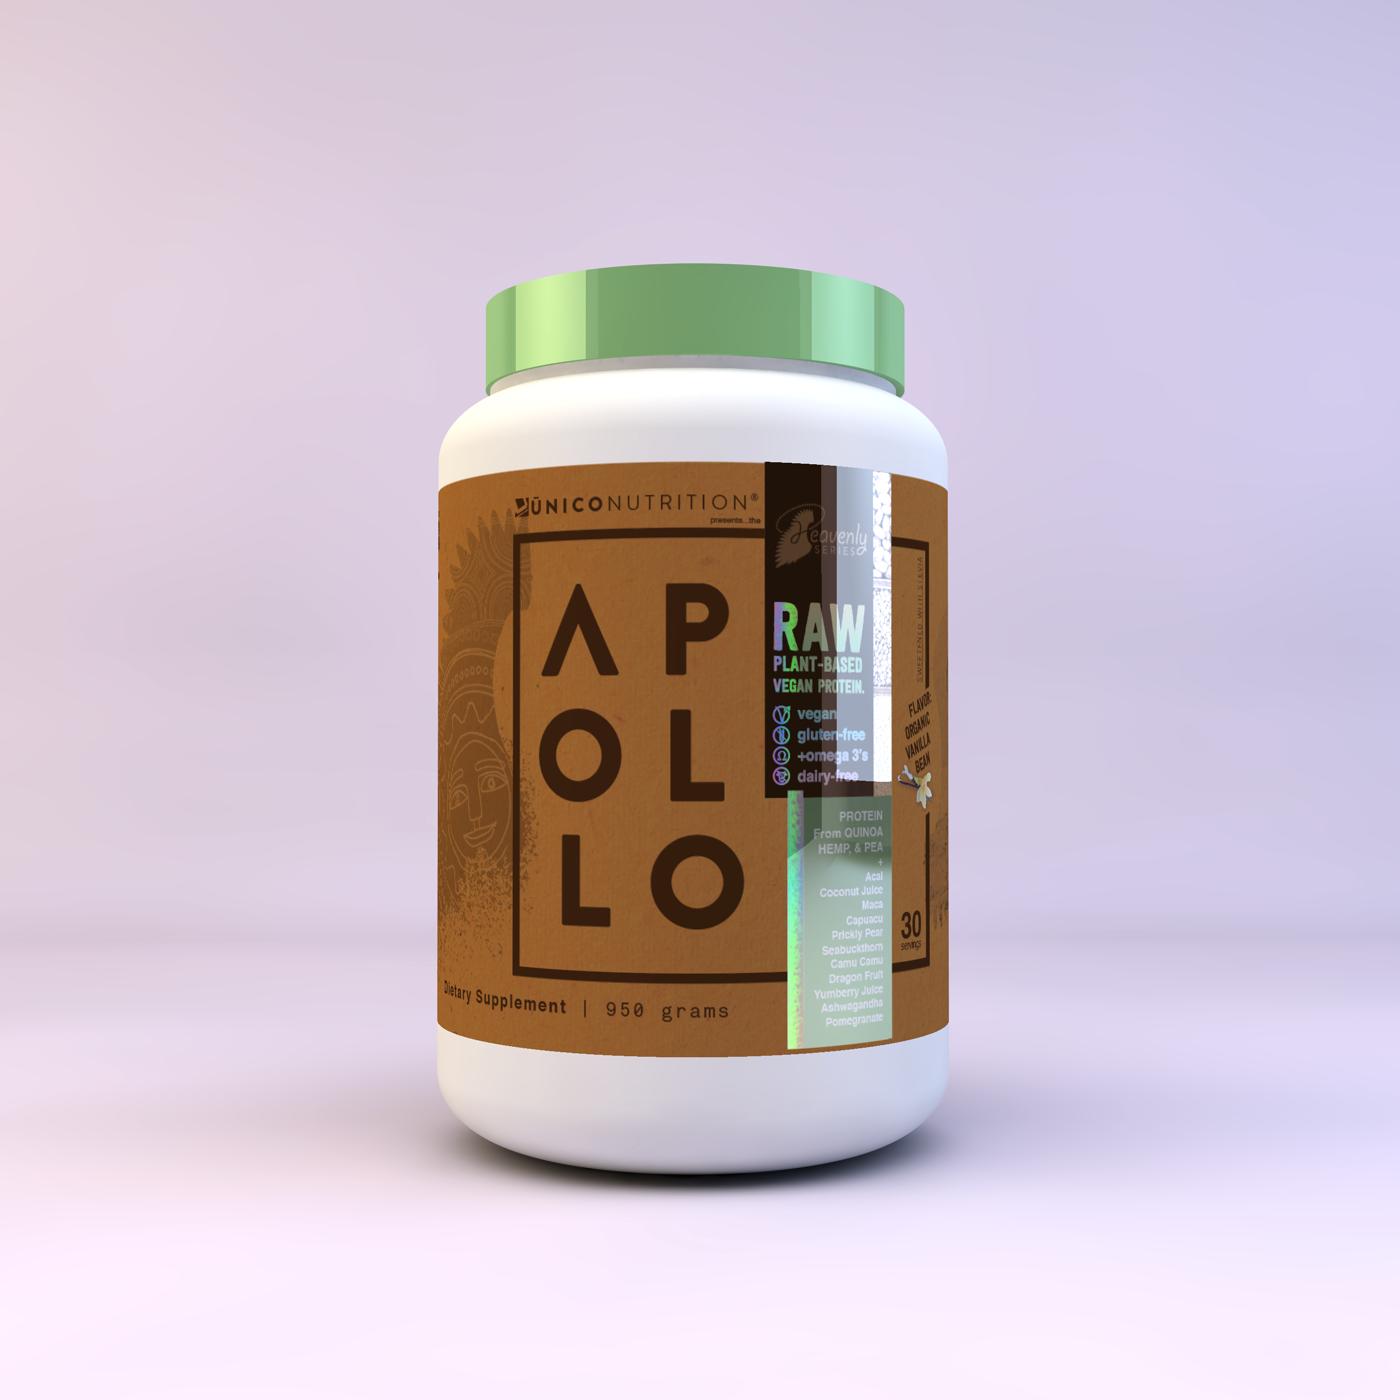 Apollo RAW Vegan Protein Powder